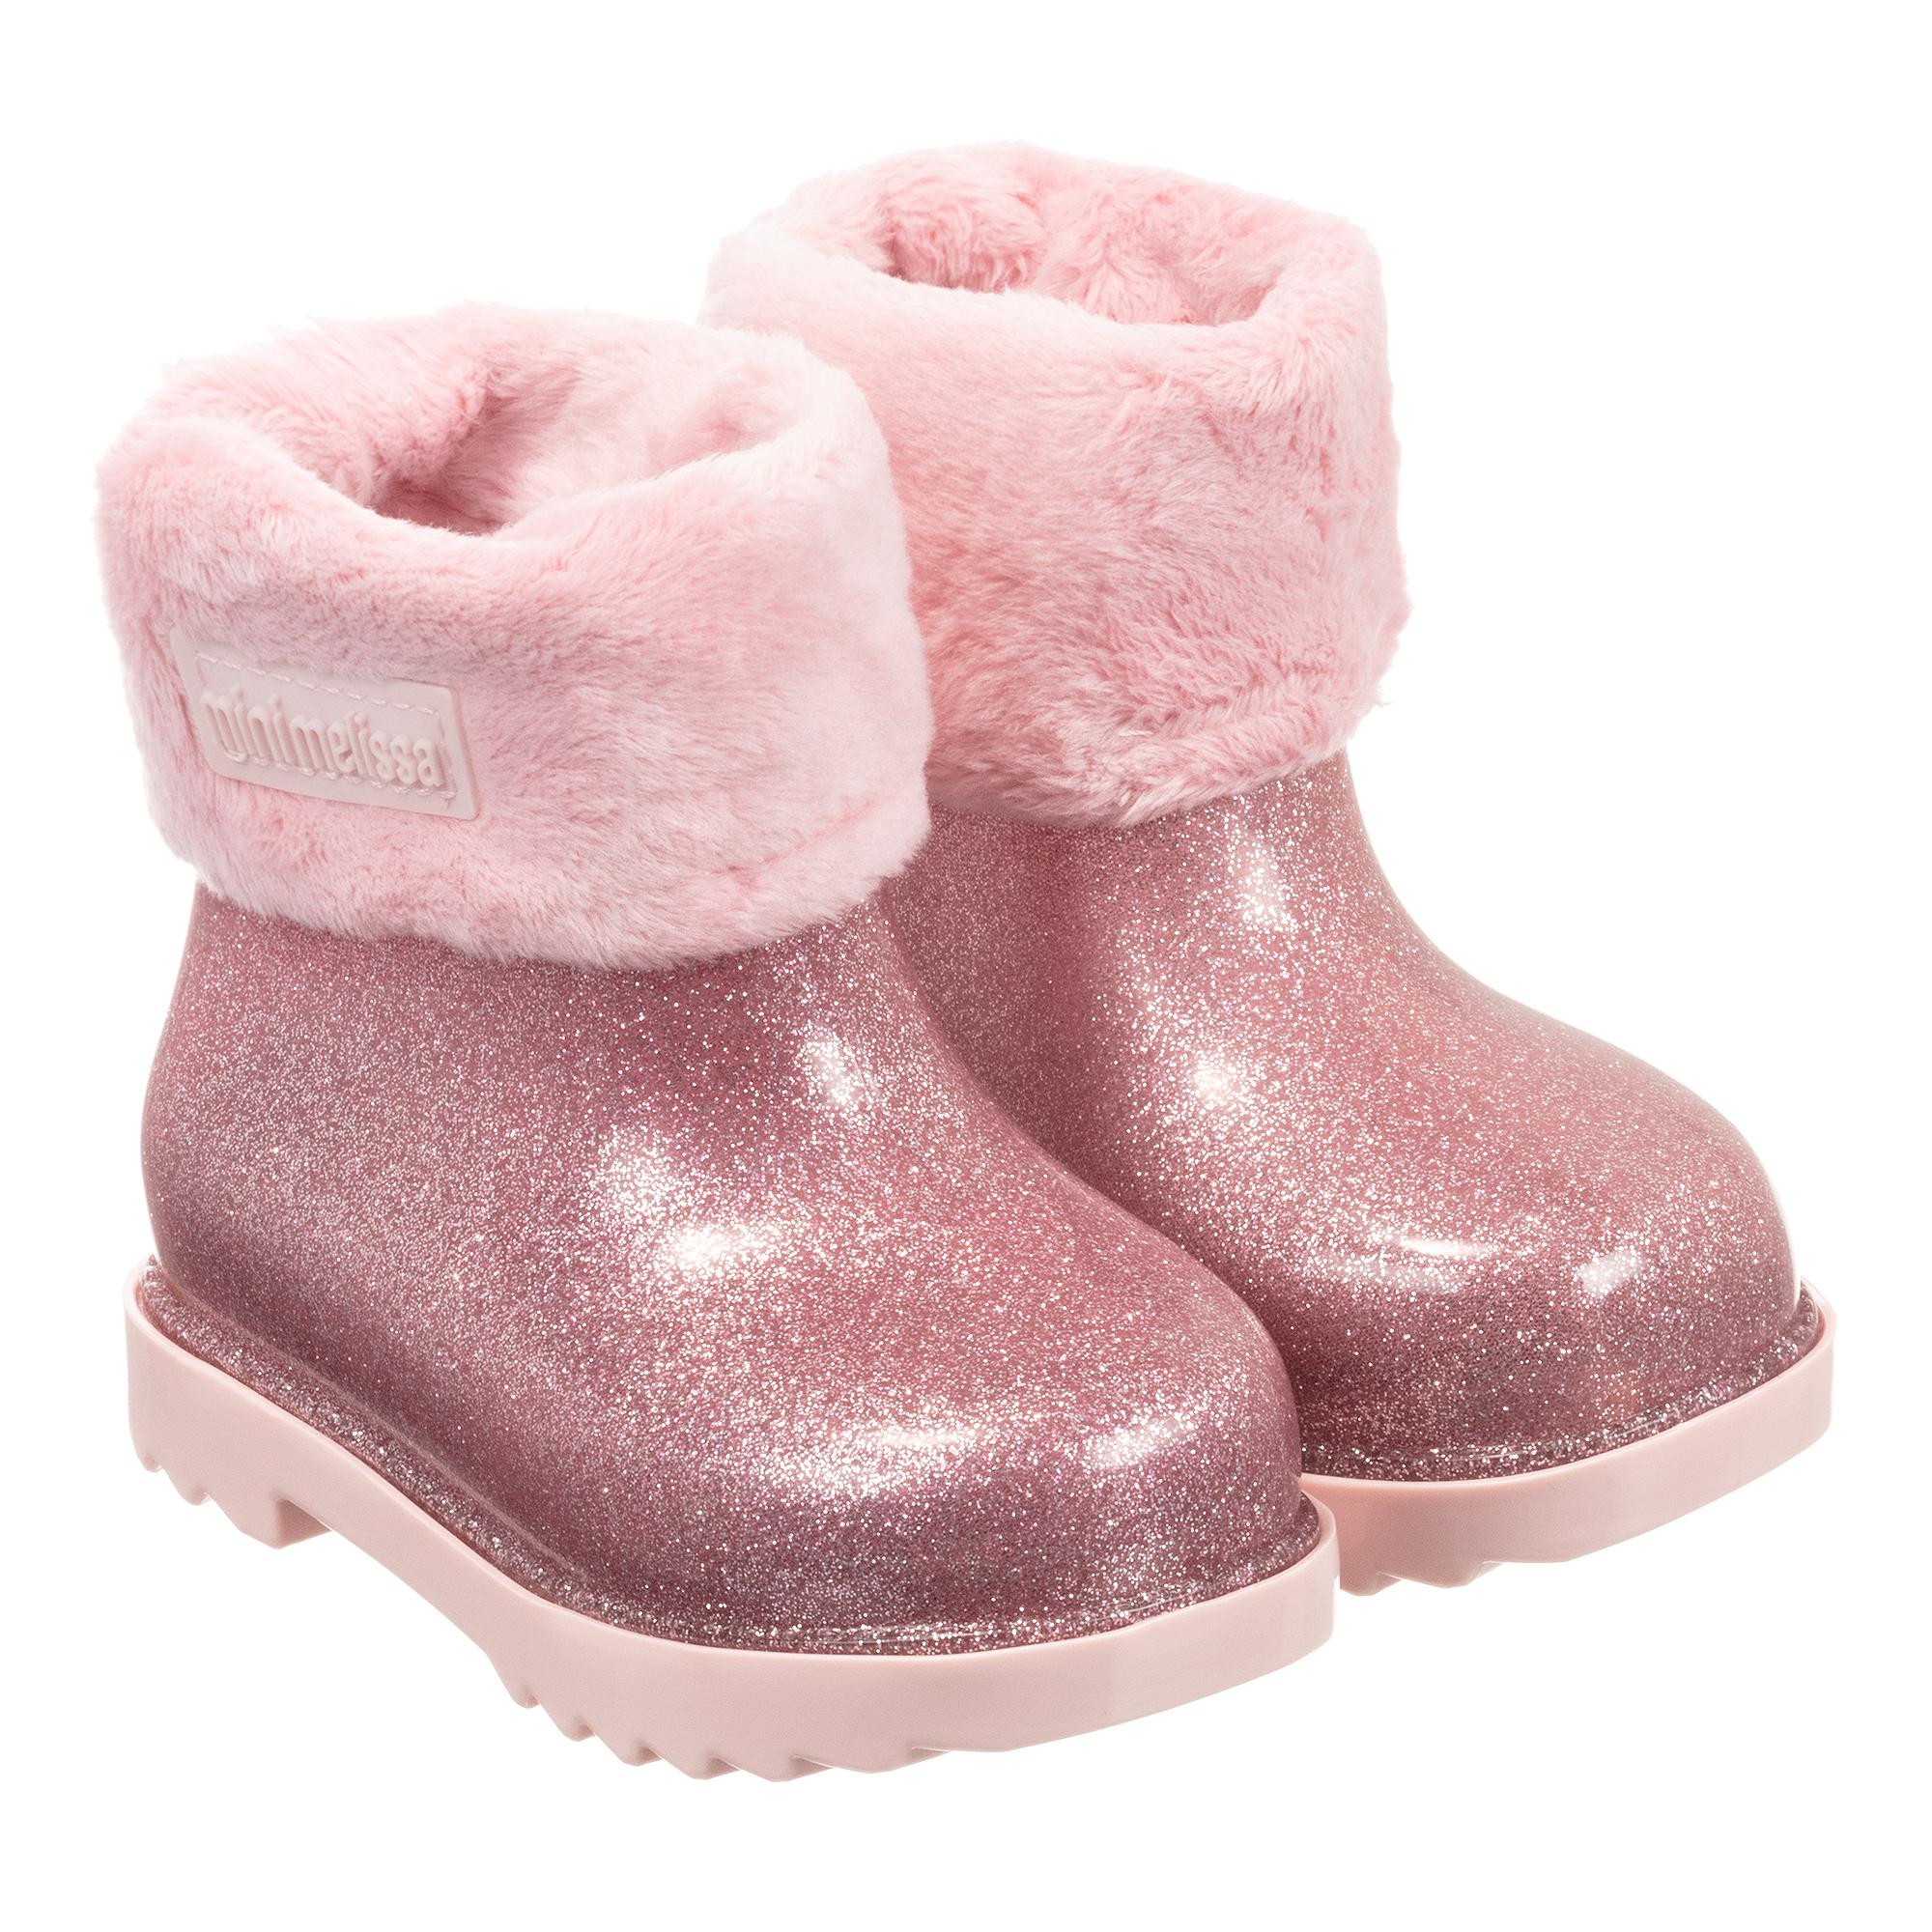 Mini Melissa - Pink Glitter Boots